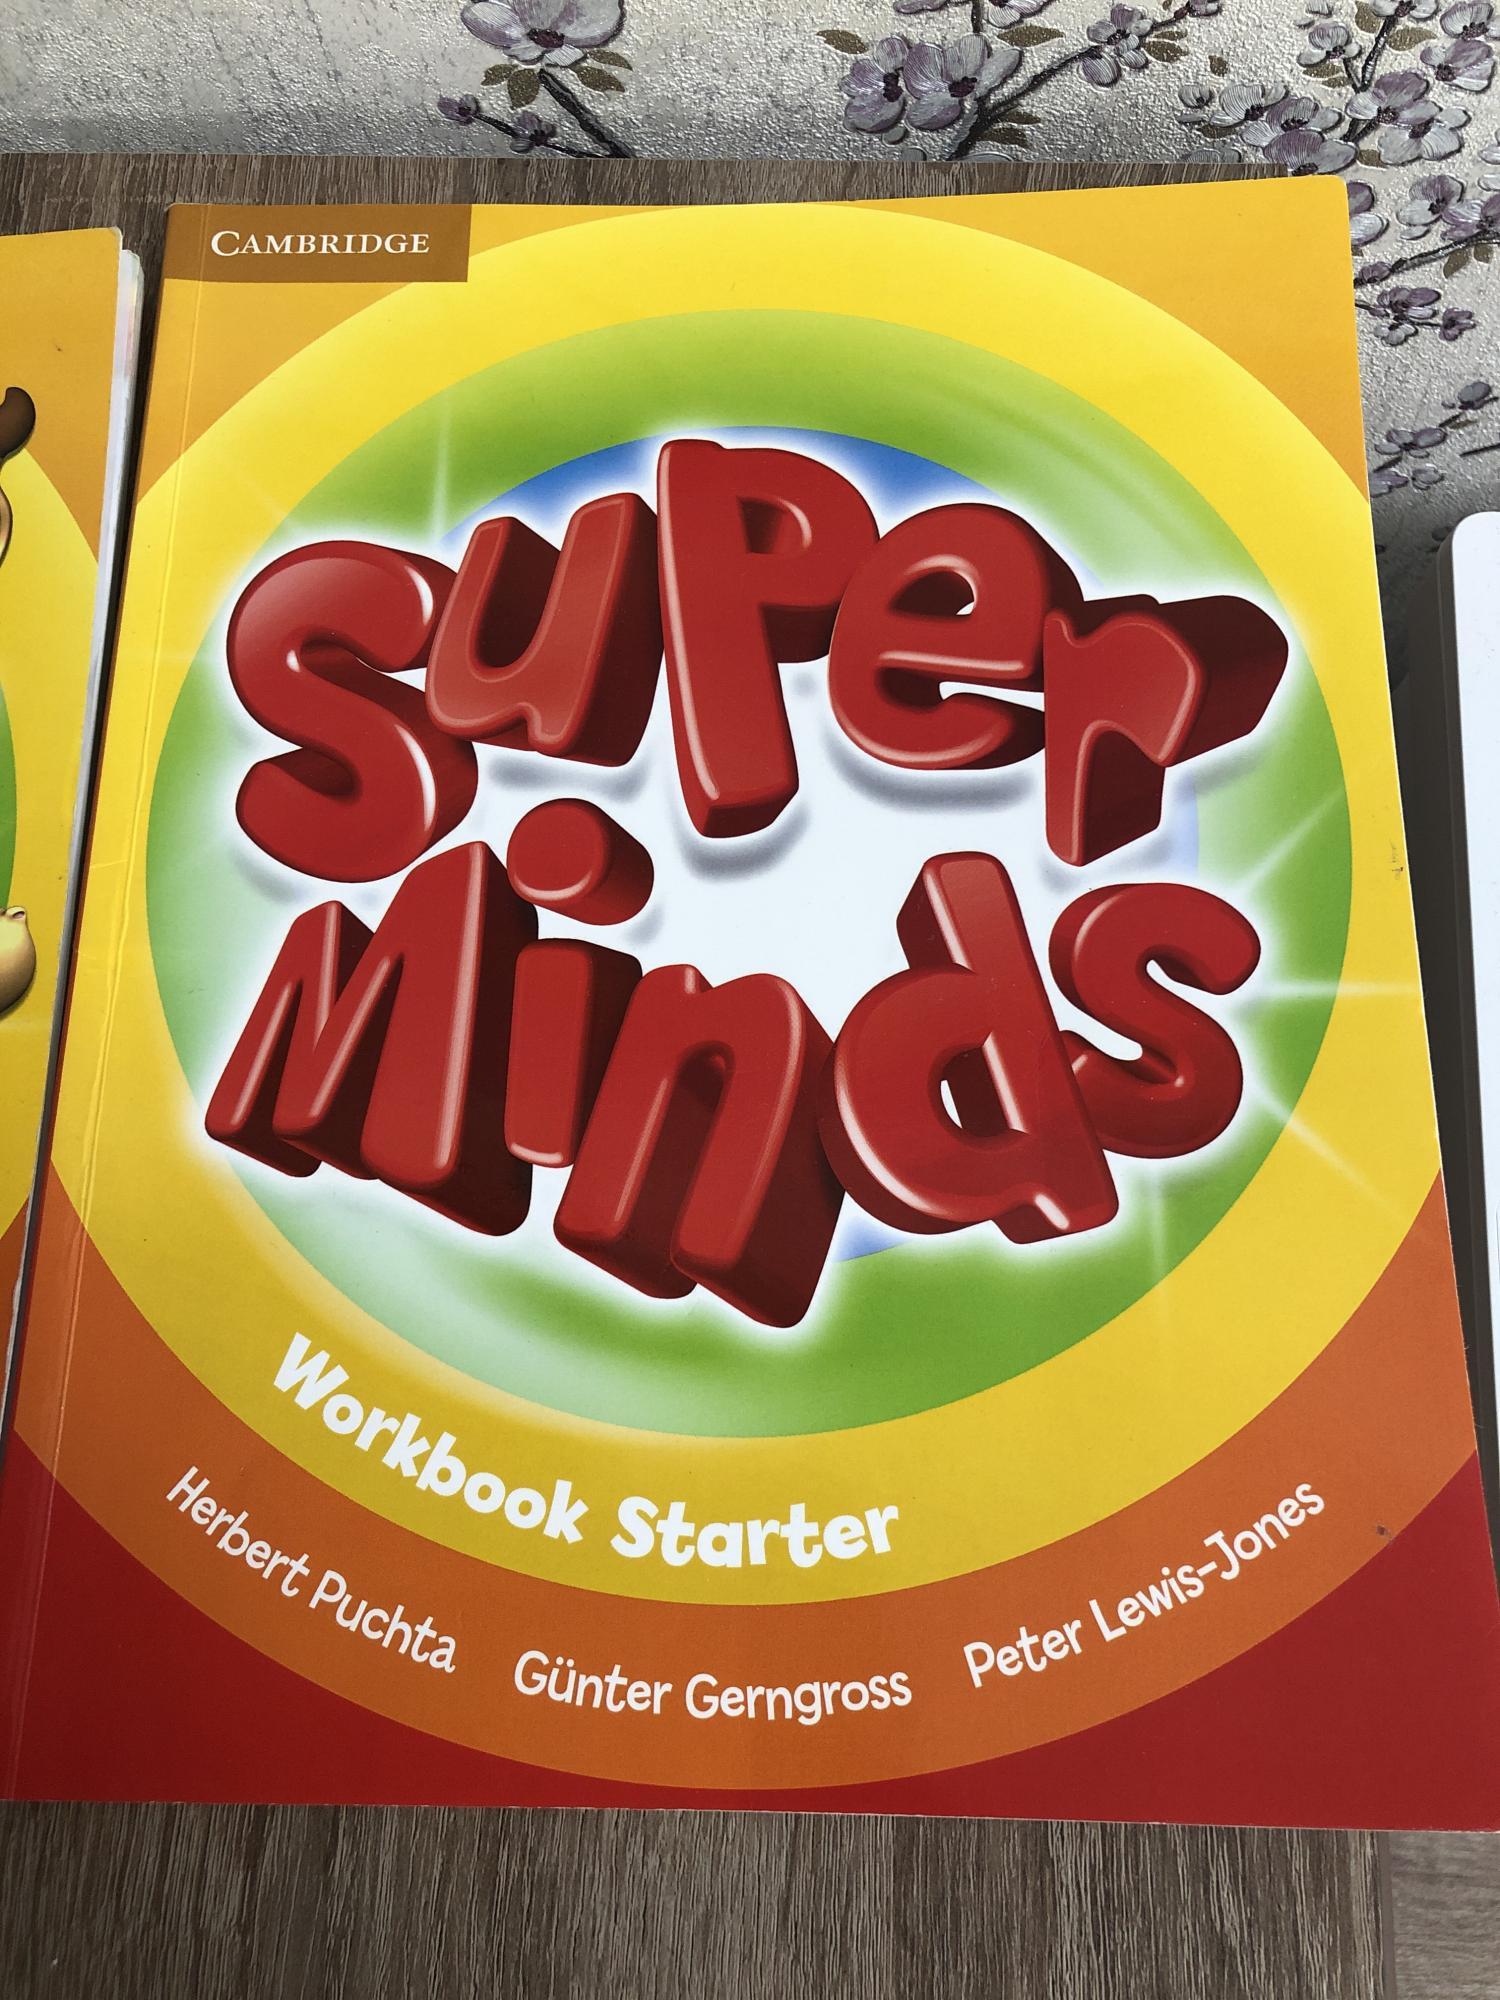 Учебник/ рабочая тетрадь английский super minds 89036262558 купить 1